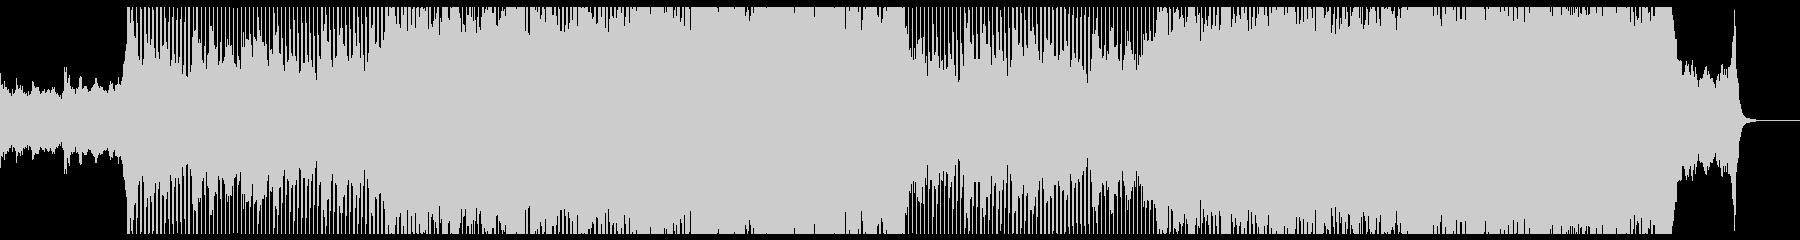 希望を感じる前向きなピアノロックBGMの未再生の波形